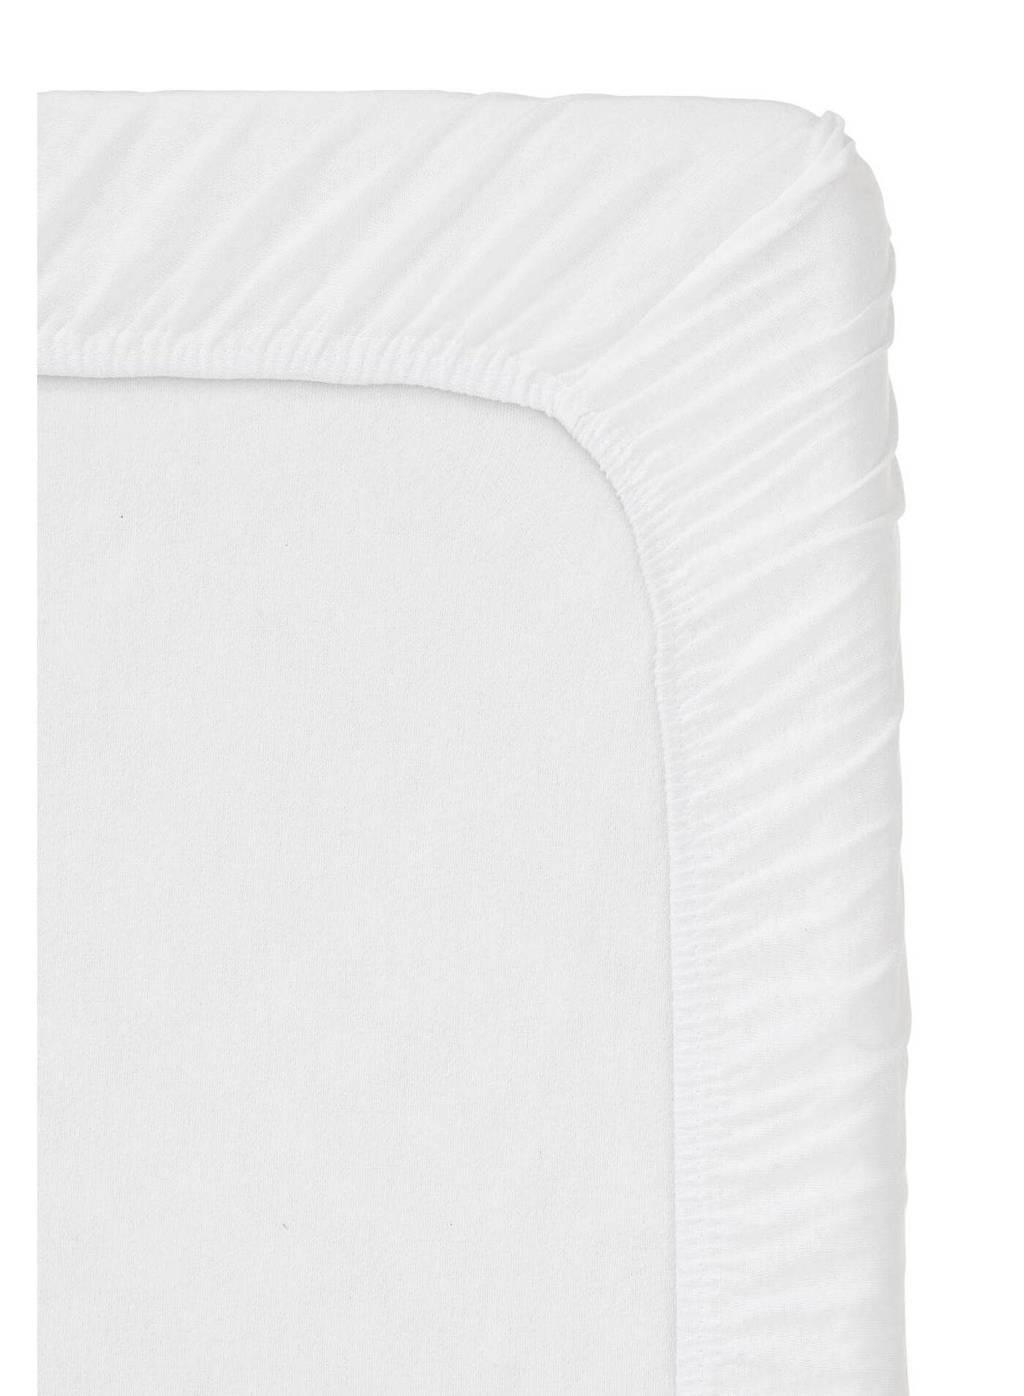 HEMA jersey hoeslaken  wit, Wit